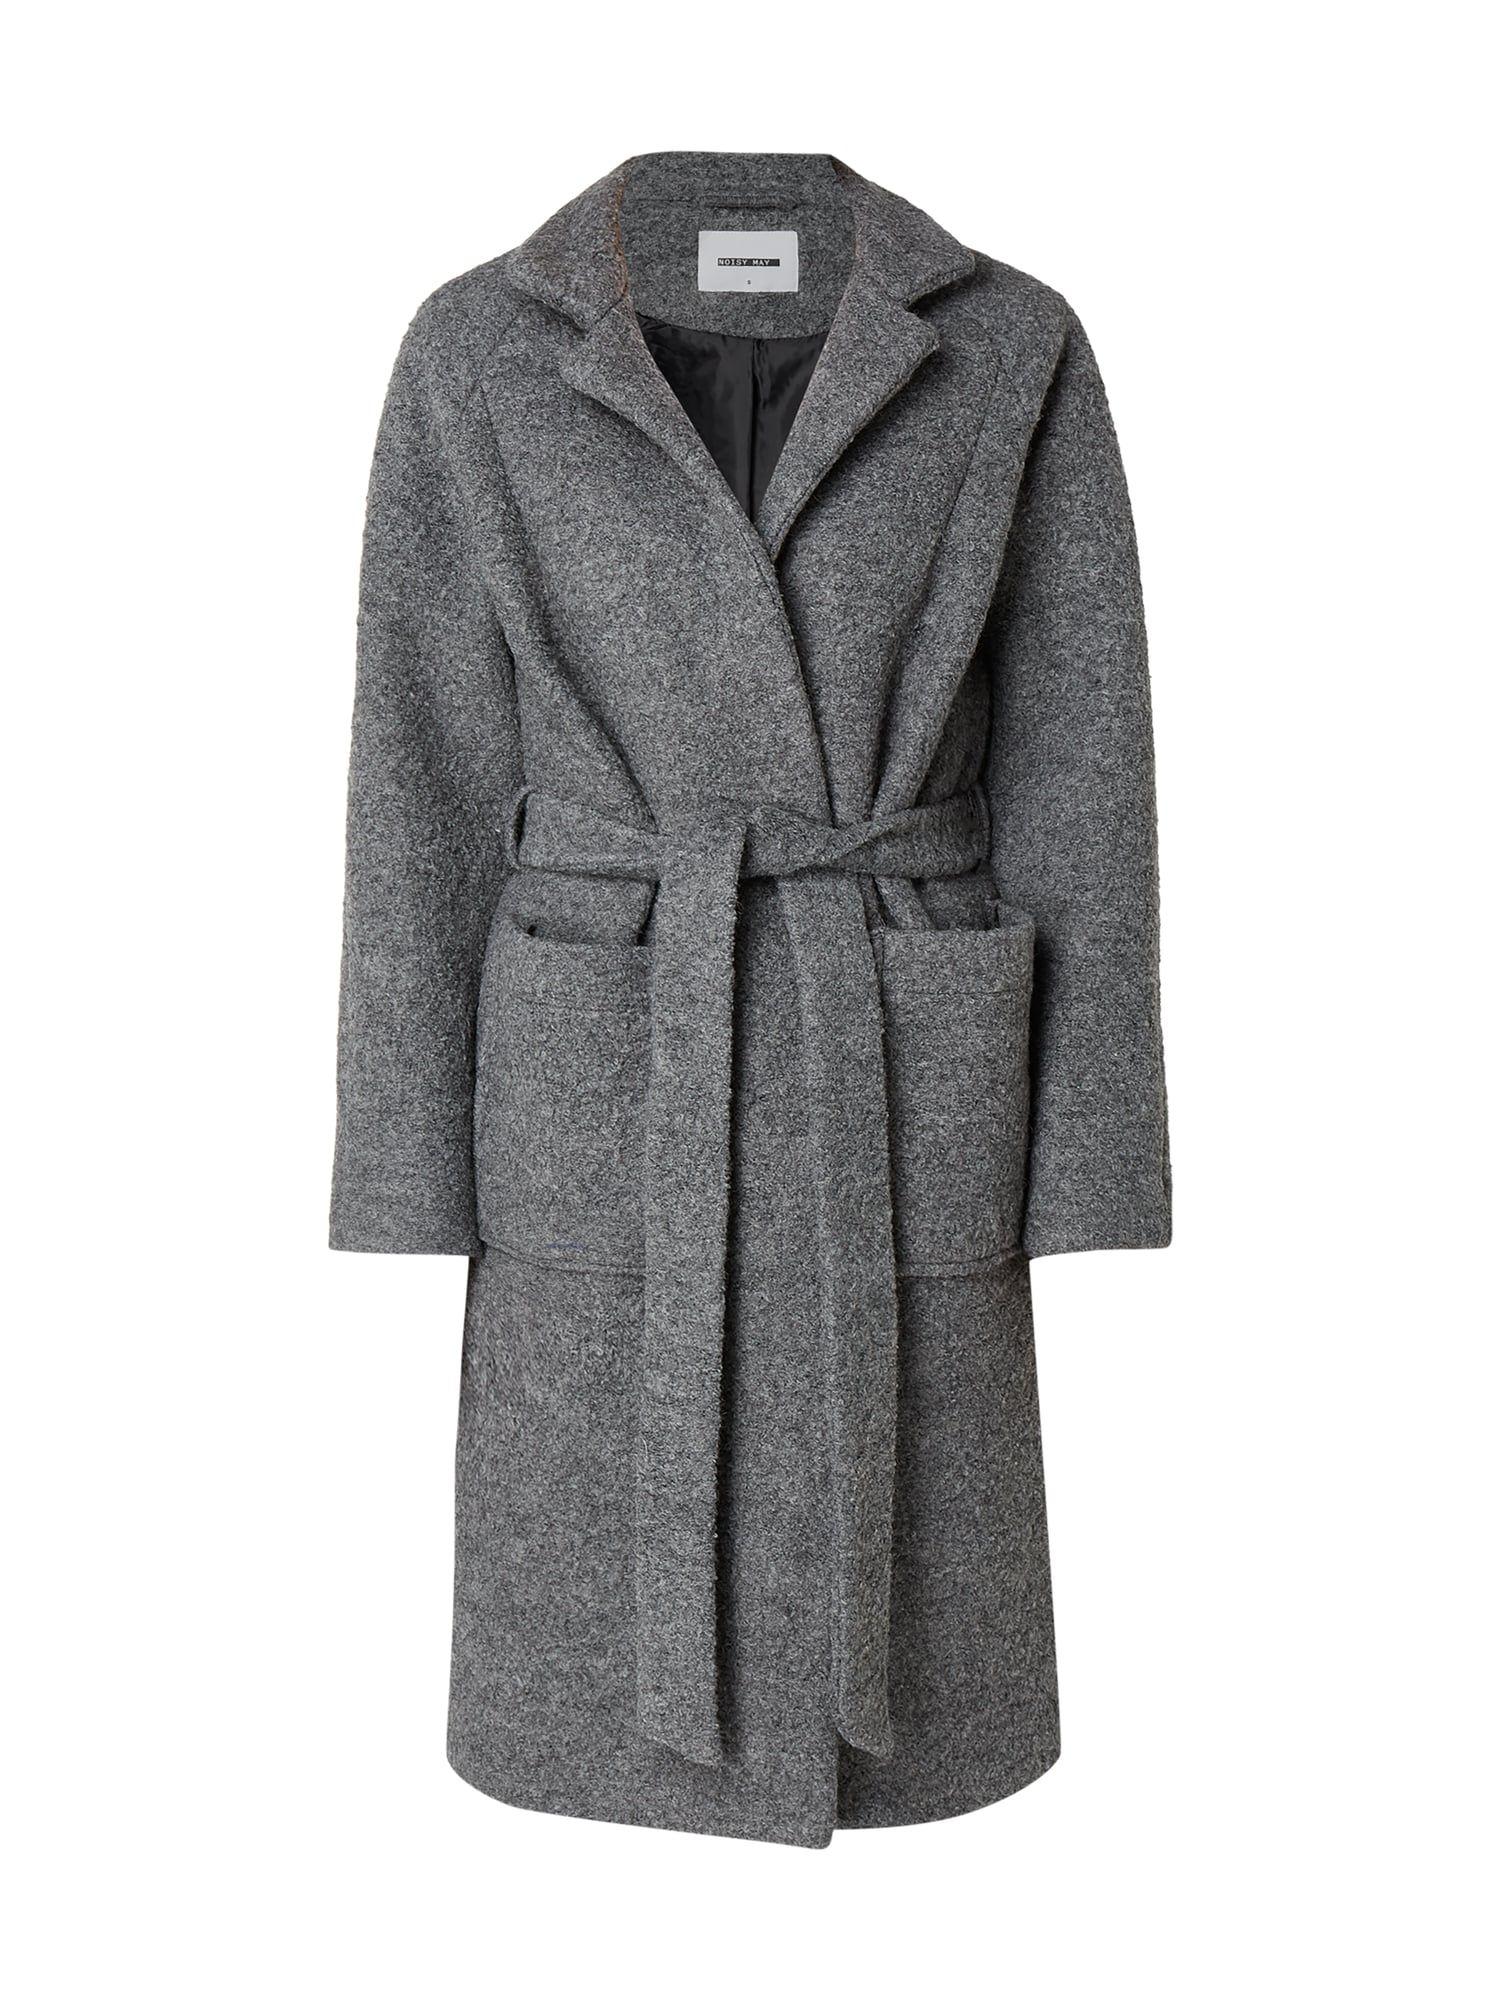 Sommer mantel online kaufen